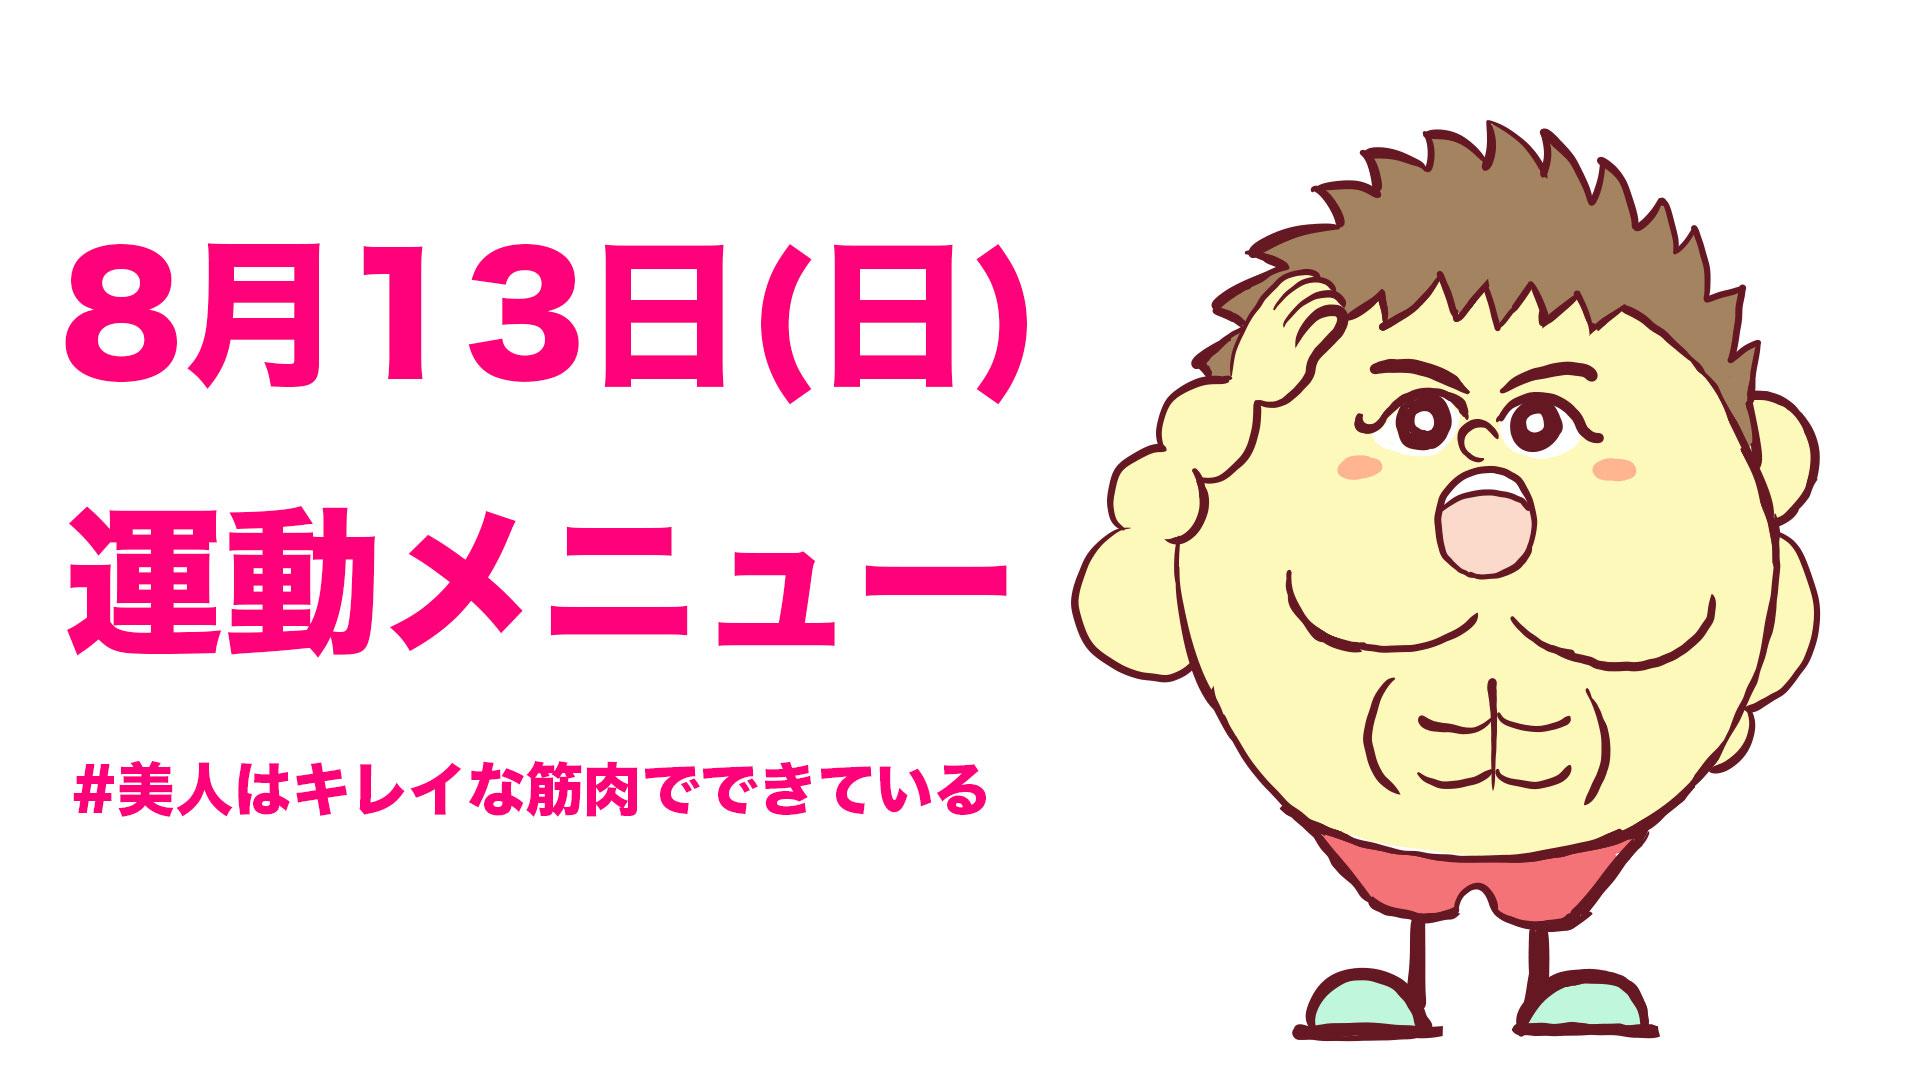 8/13の運動メニュー!